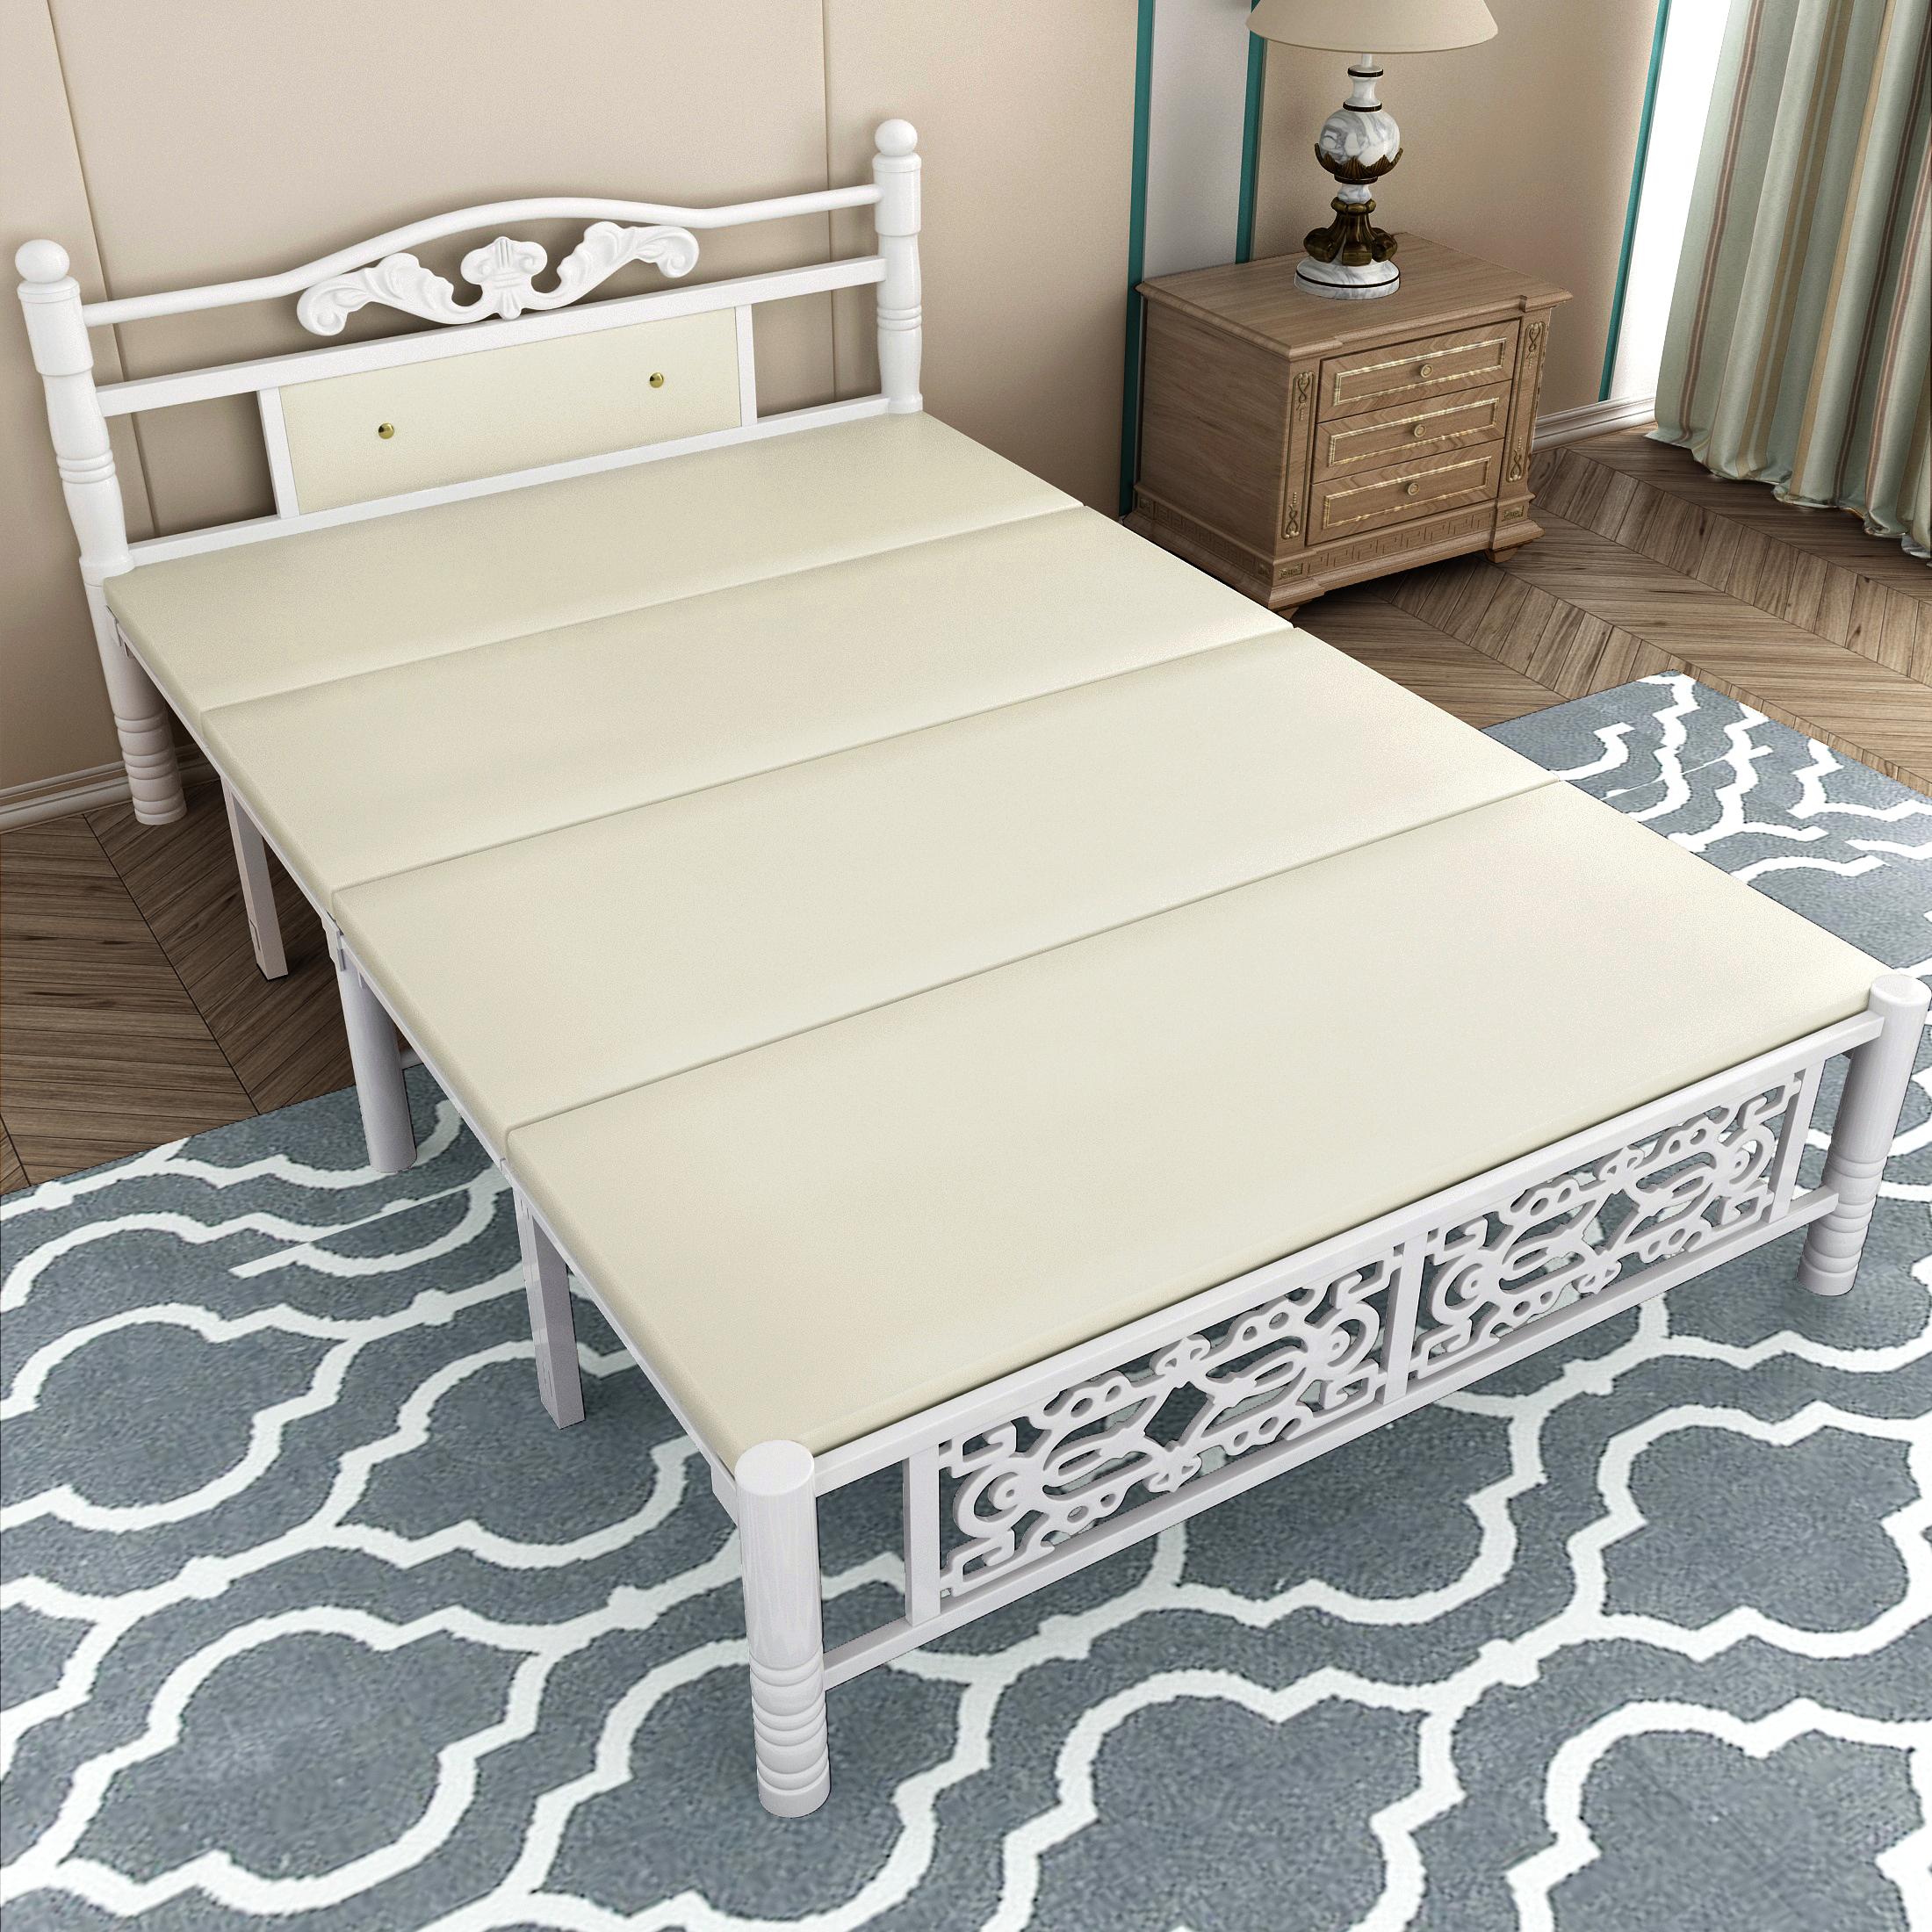 折叠床双人木板床出租房午休简易床1.2米1.5米家用成人单人床铁床